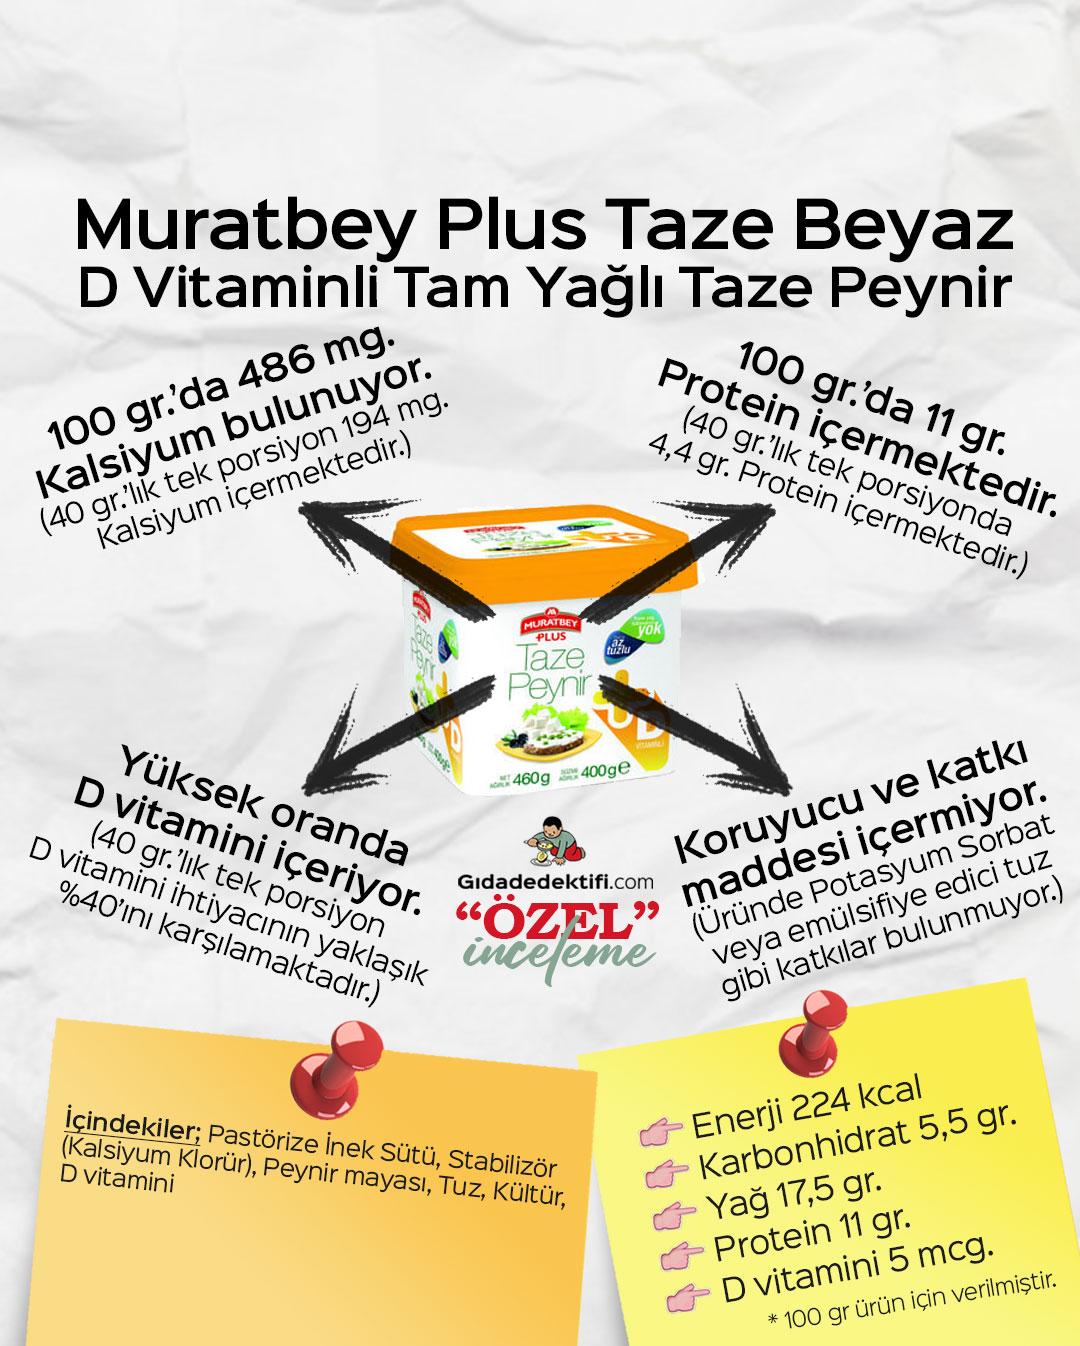 Muratbey Plus Taze Beyaz D Vitaminli Peynir - Gıda Dedektifi